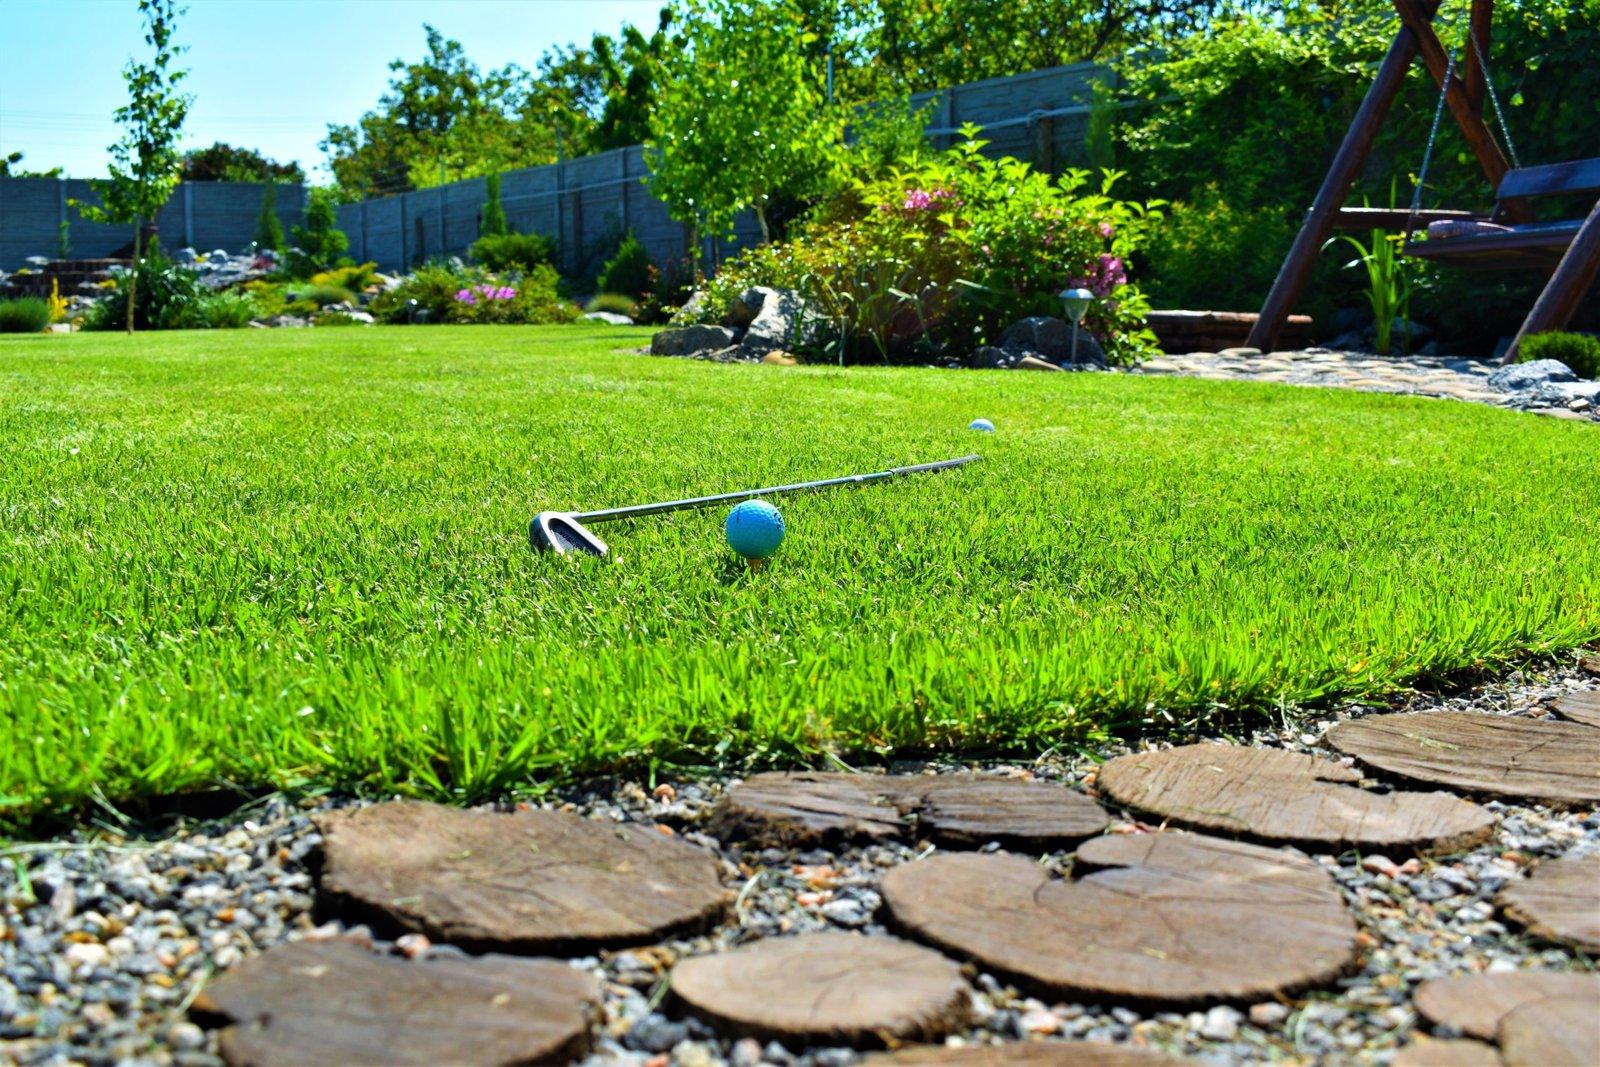 газон для гольфа Киев, газон для игры в гольф в Киеве, создание гольф поля в Киеве